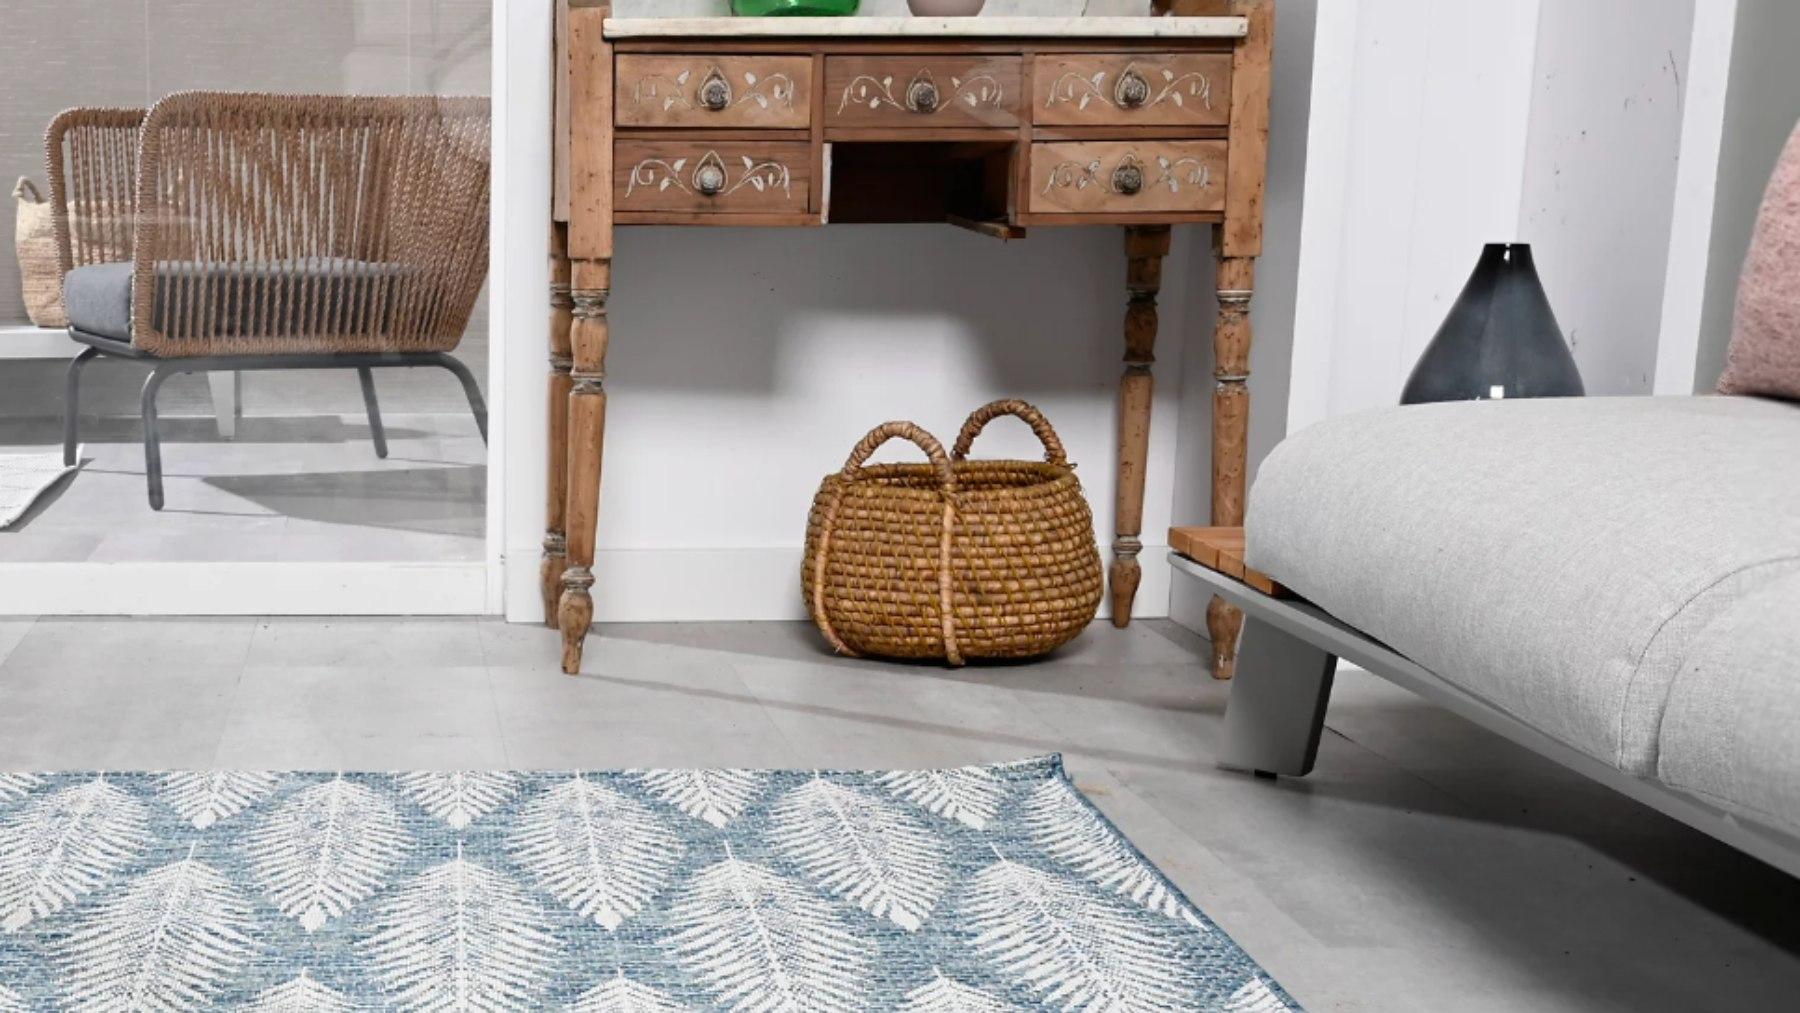 Redecora tu casa con estas ofertas irresistibles de Leroy Merlin